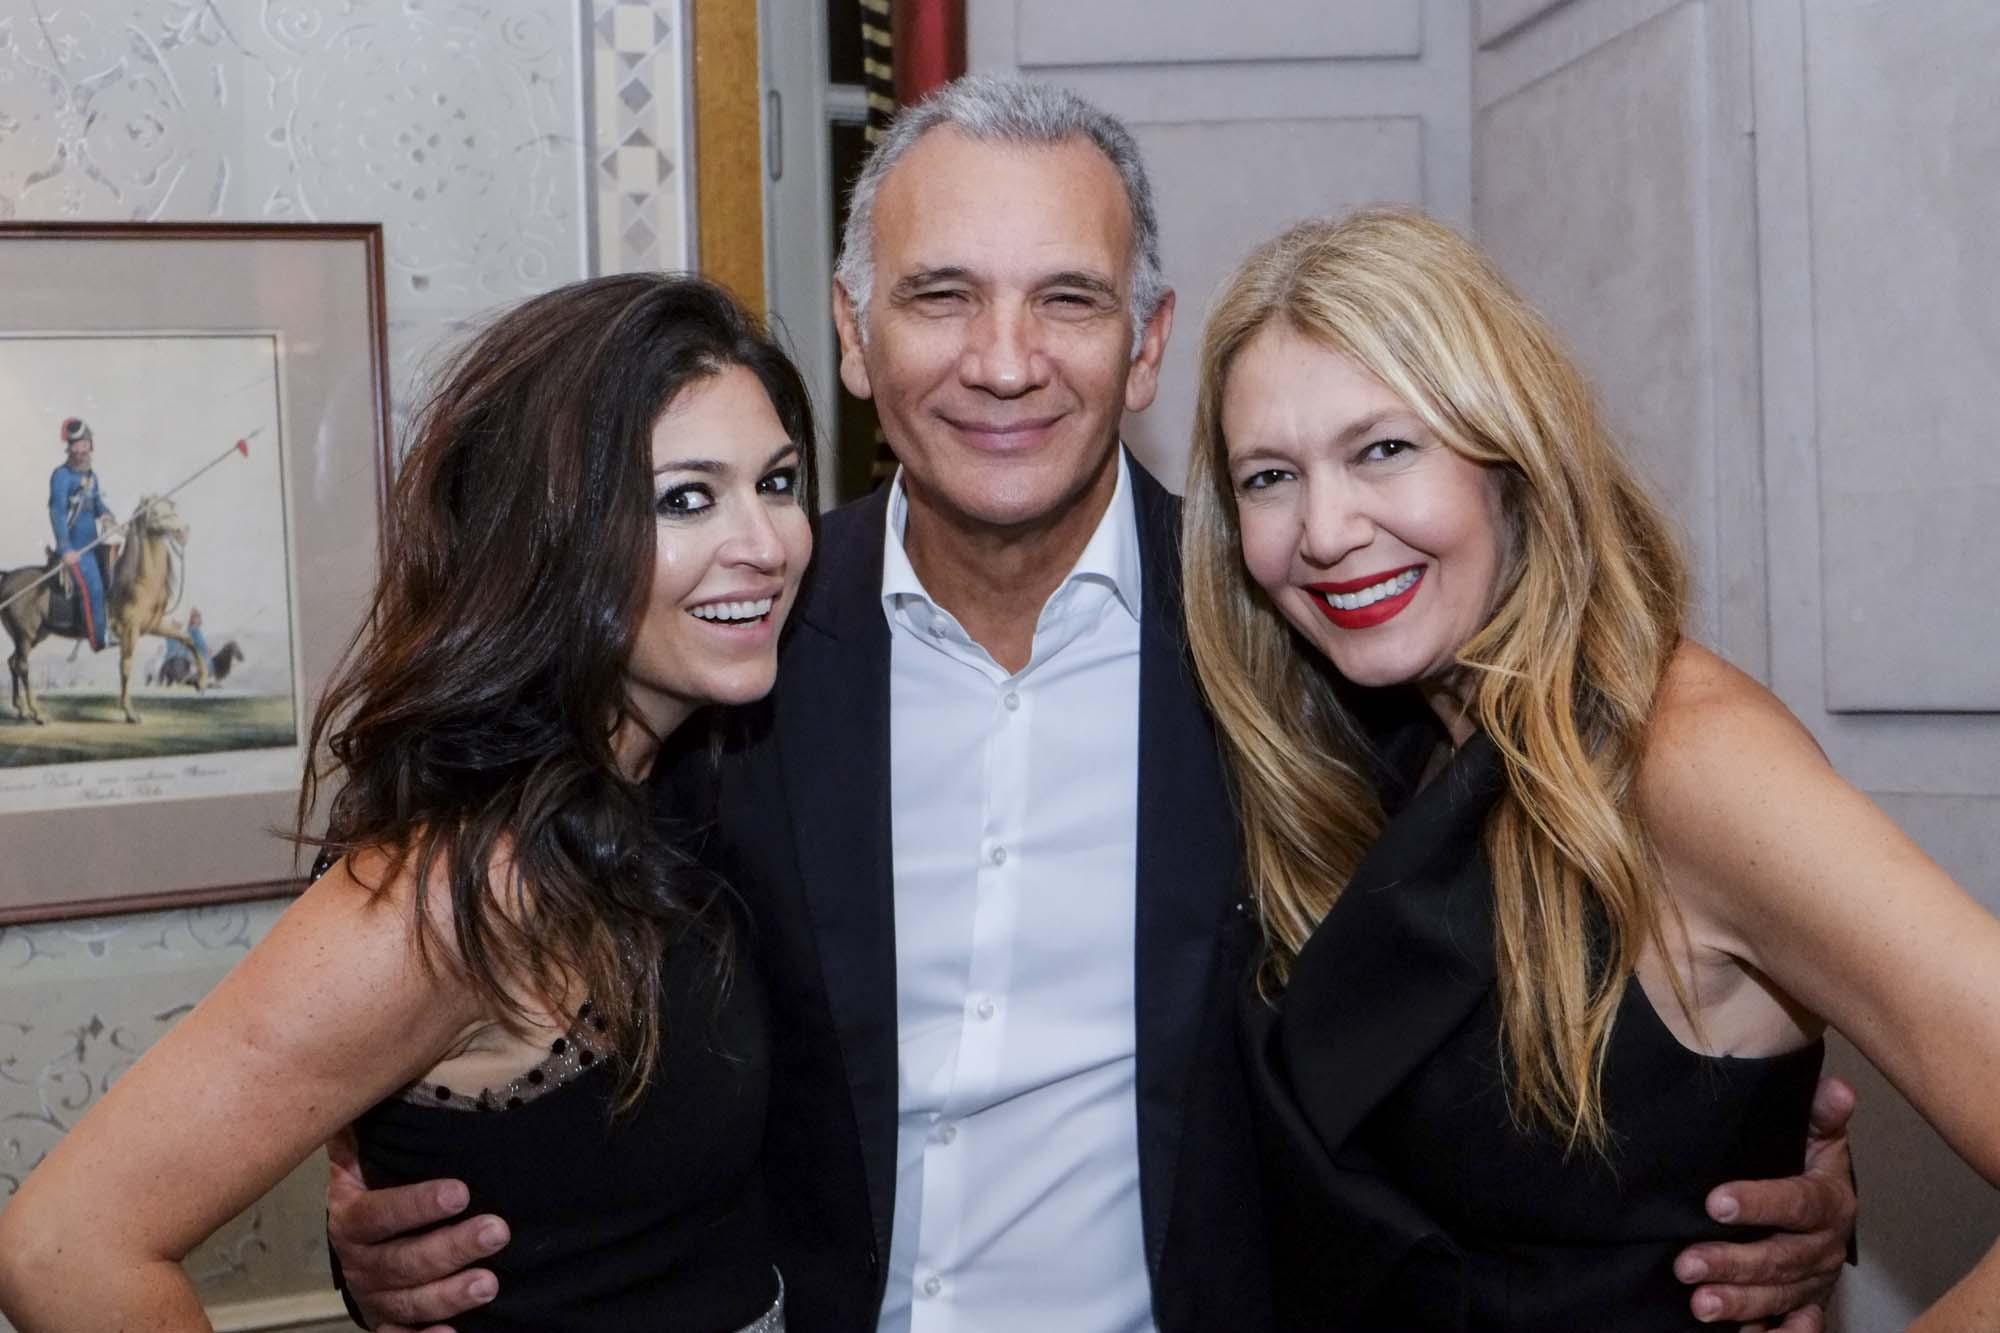 Natalie Klein da NK Store, Tufi Duek, seu marido, e Donata Meirelles da Vogue